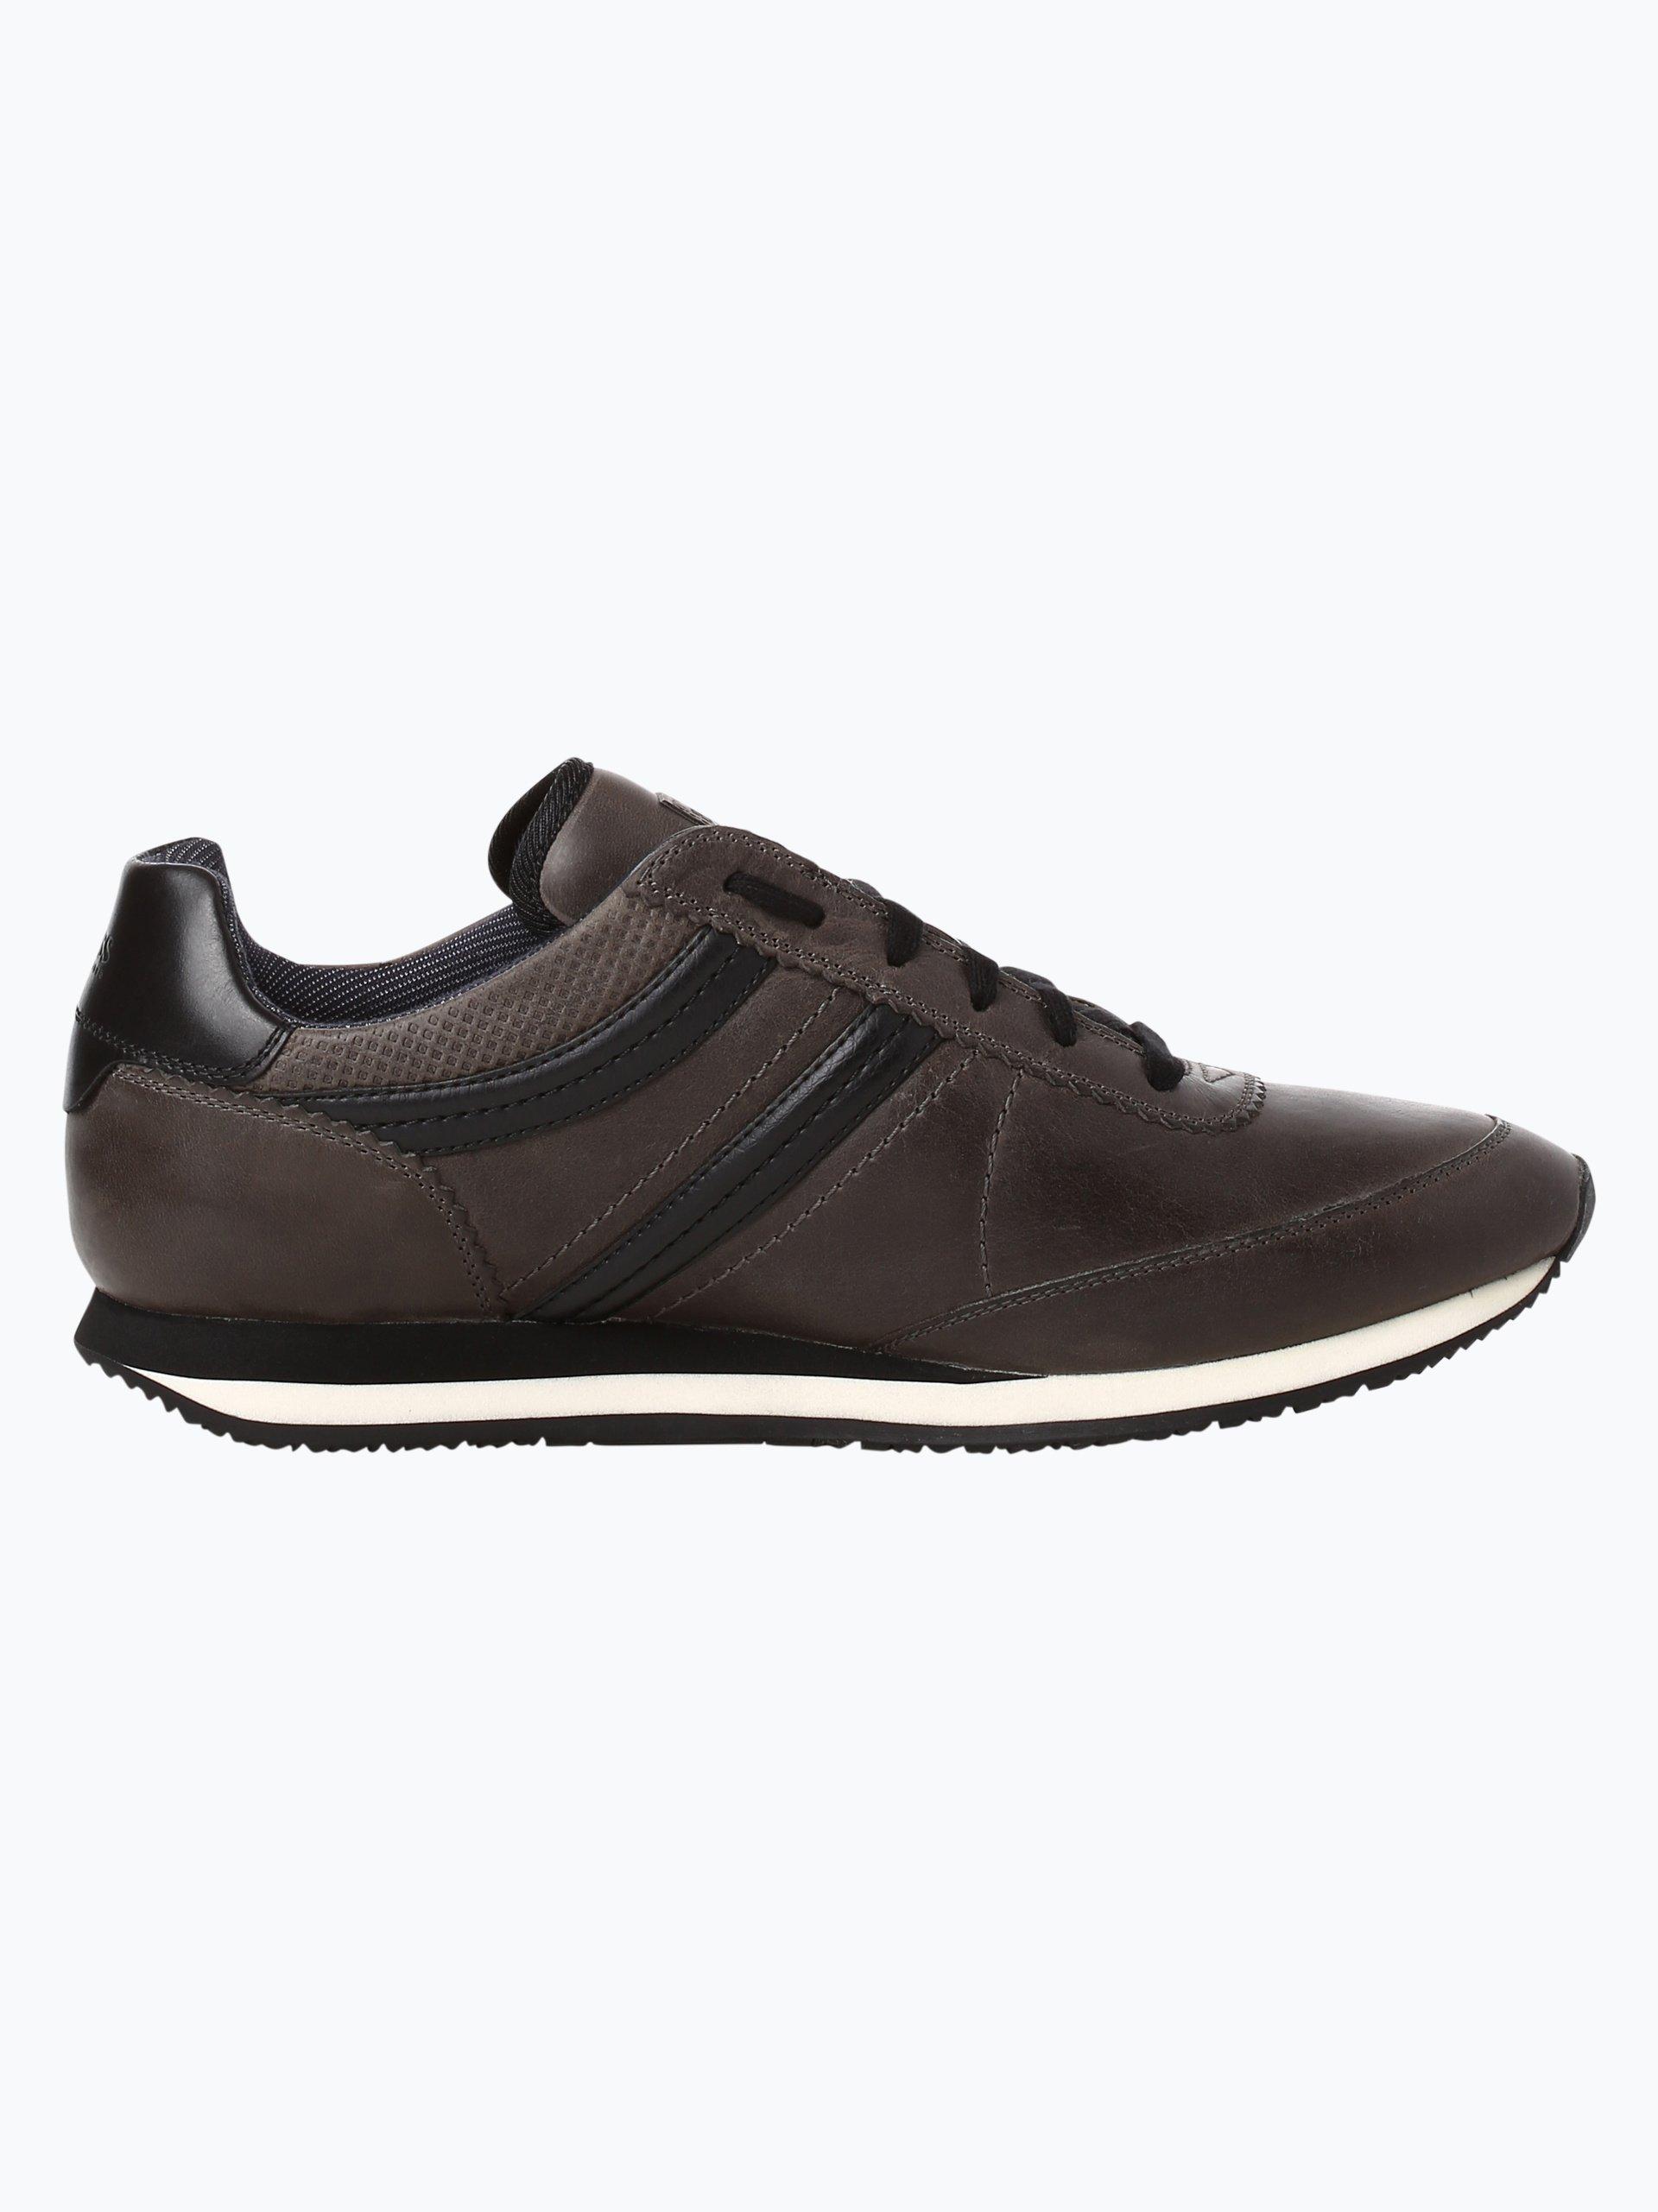 BOSS Casual Herren Sneaker aus Leder - Adrenal_Runn_pp1